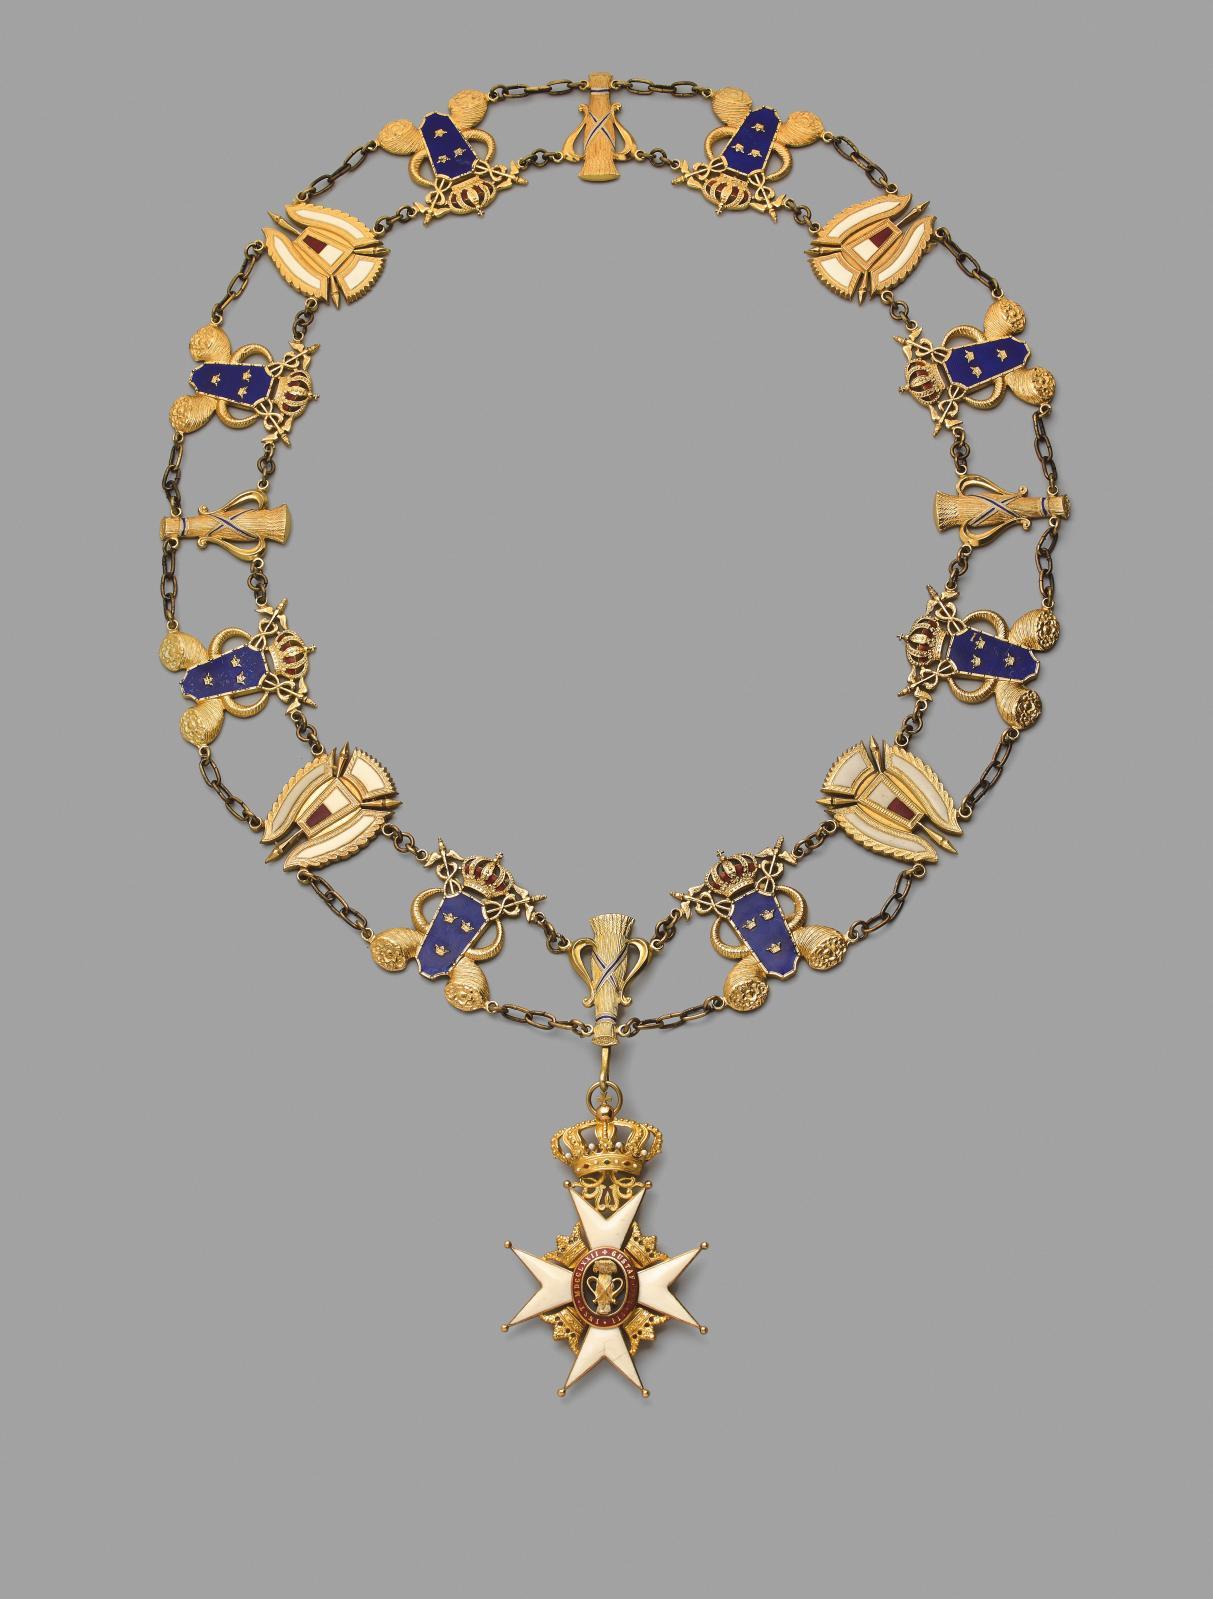 Suède, ordre de Vasa, fondé en1772, collier de grand-croix en bronze doré, composé de seize maillons émaillés reliés par des chaînons, hu